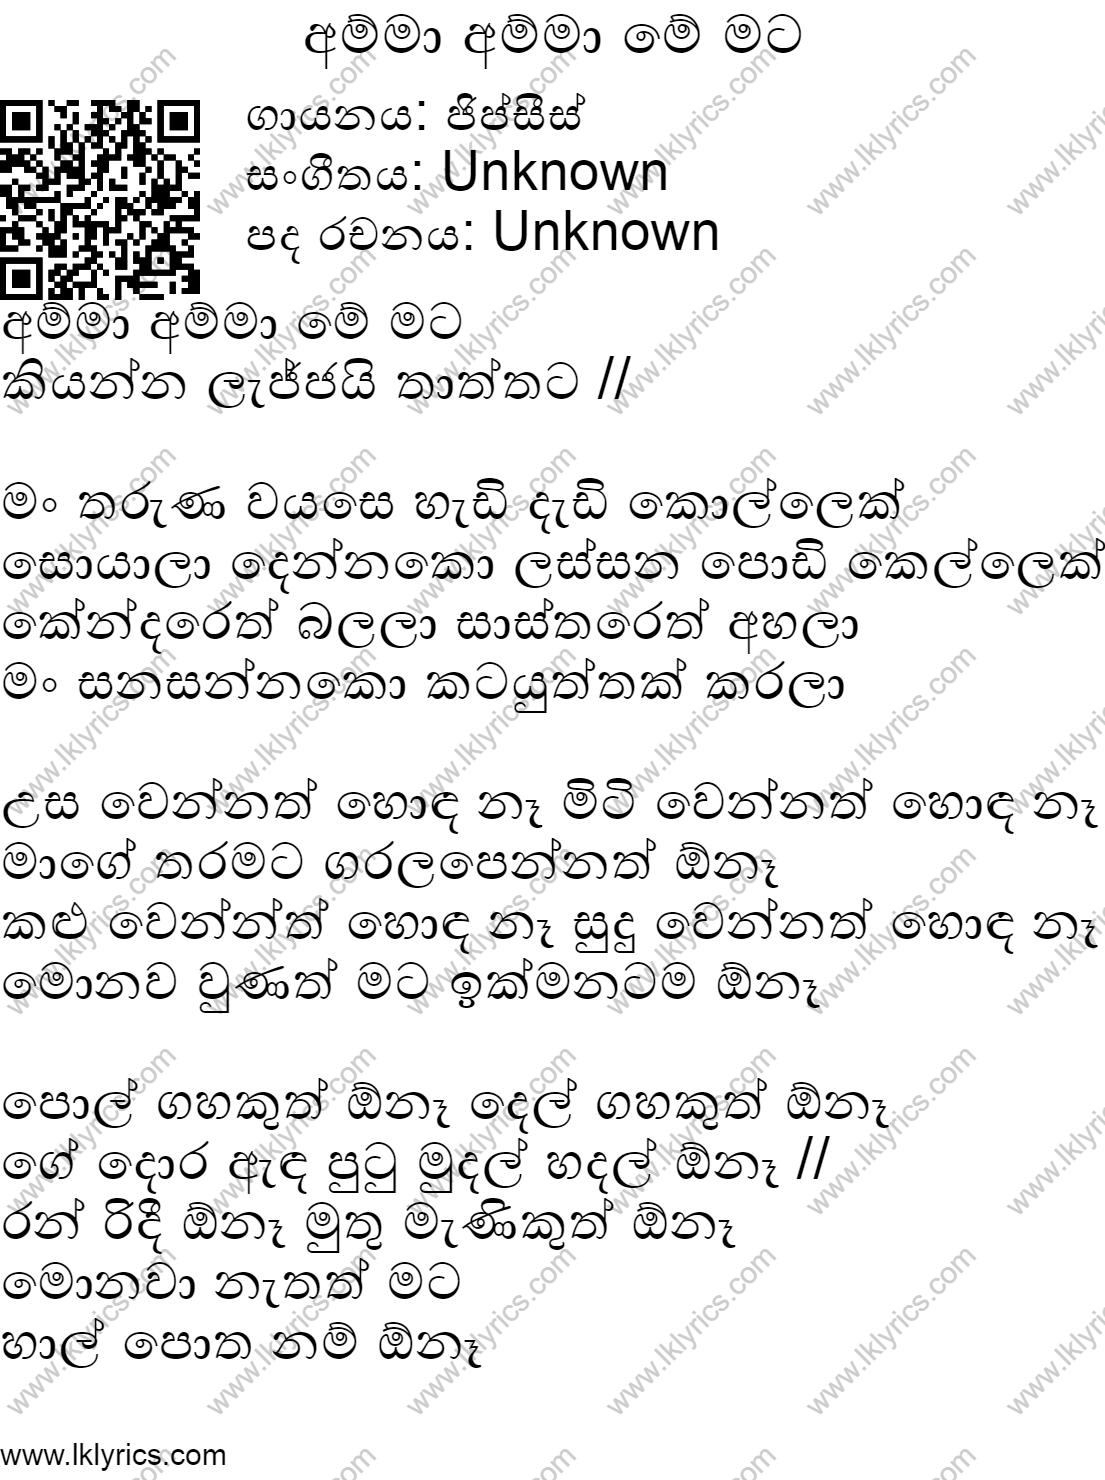 Amma Amma Me Mata Lyrics - LK Lyrics